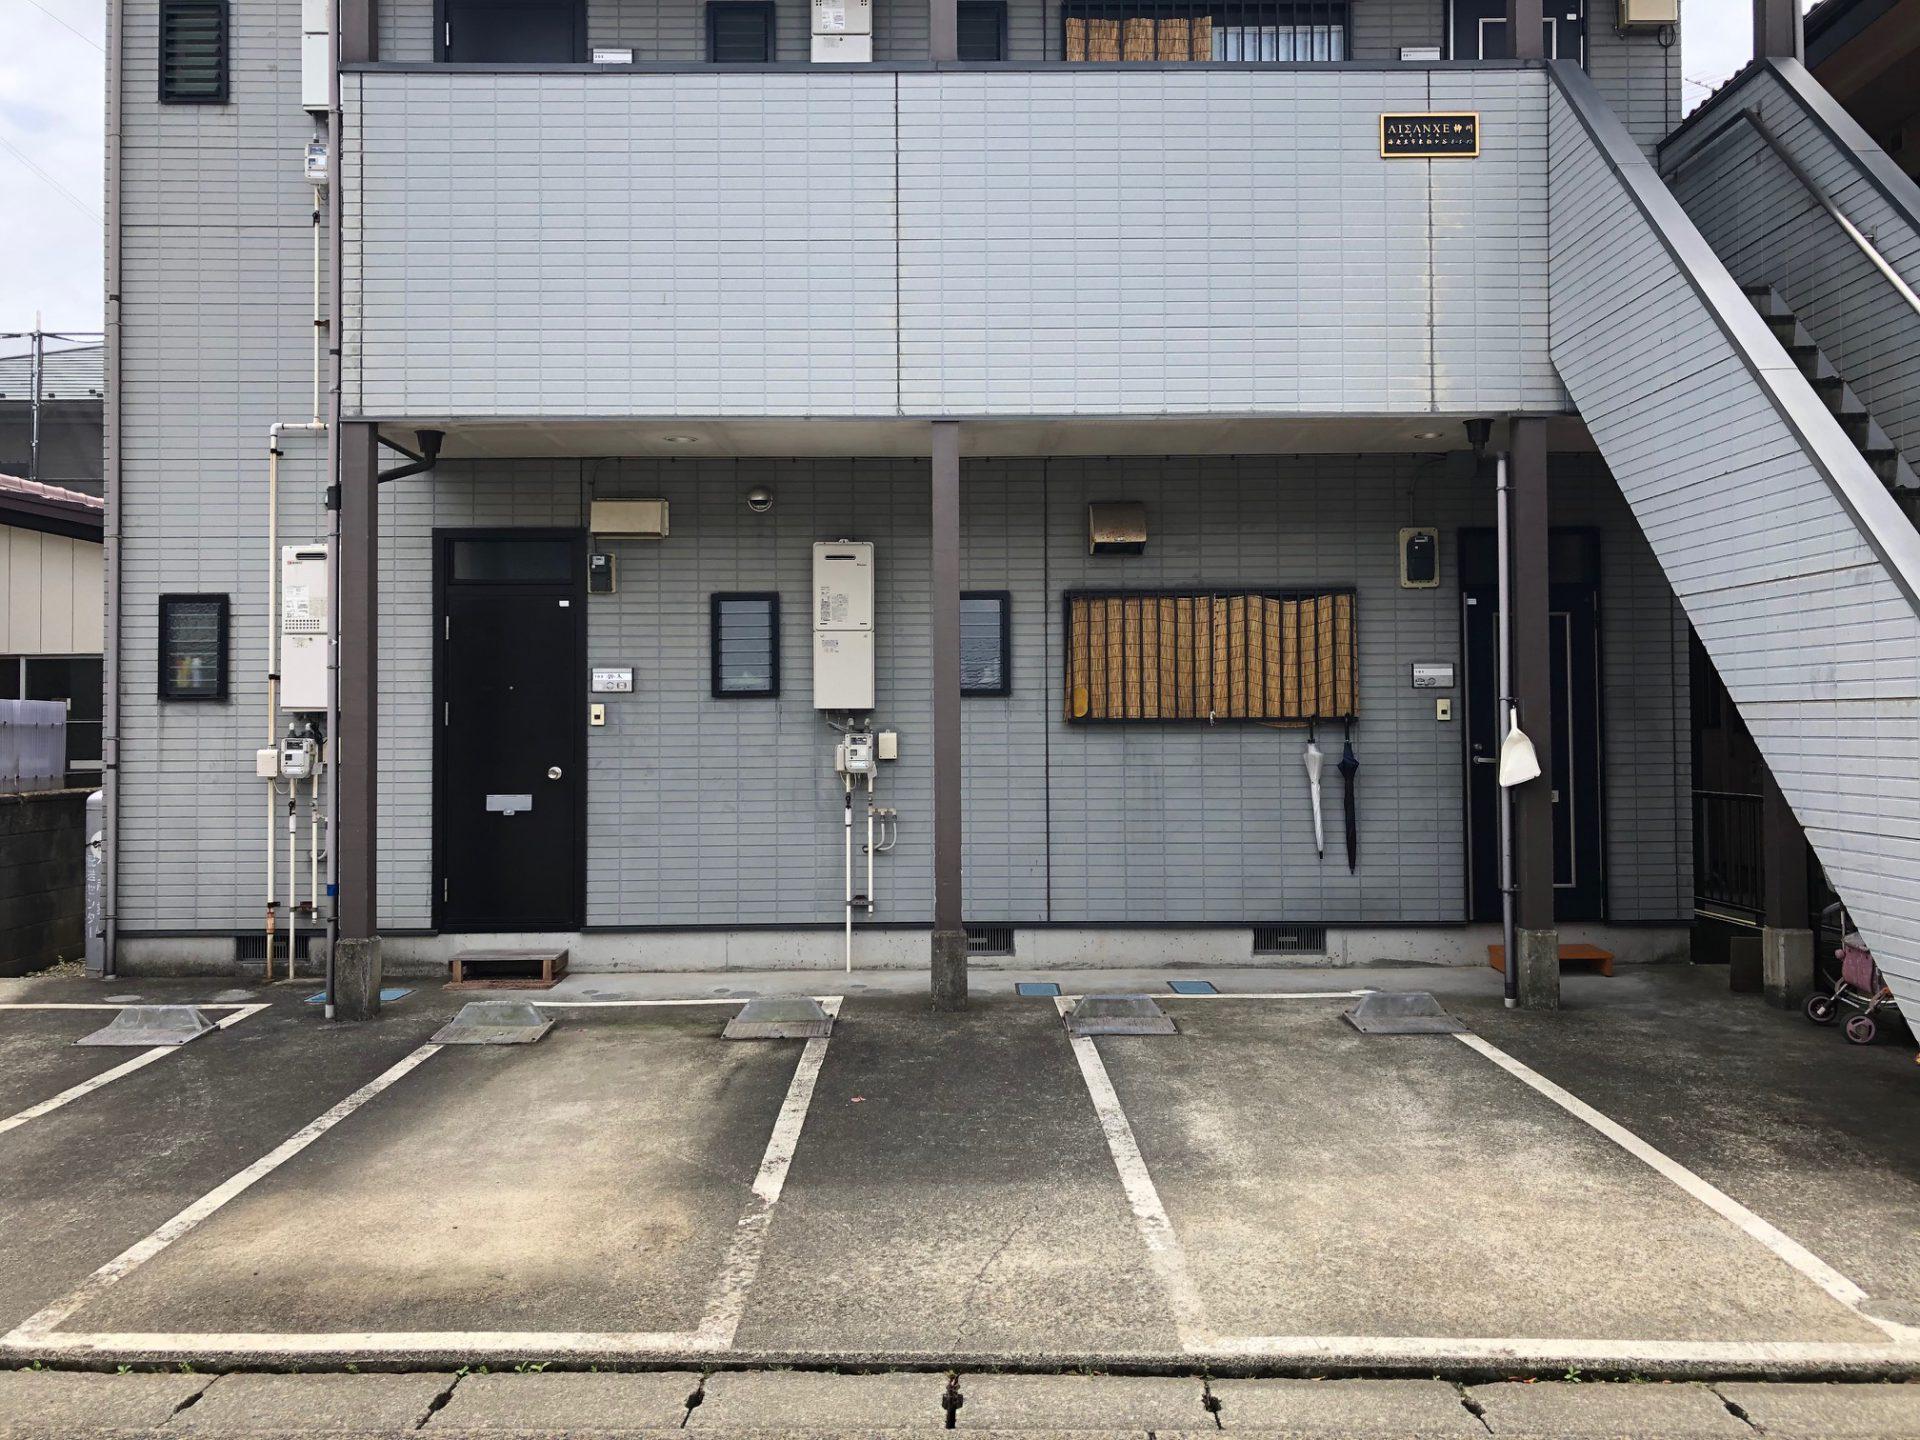 51エイサンス柳川敷地内駐車場のイメージ